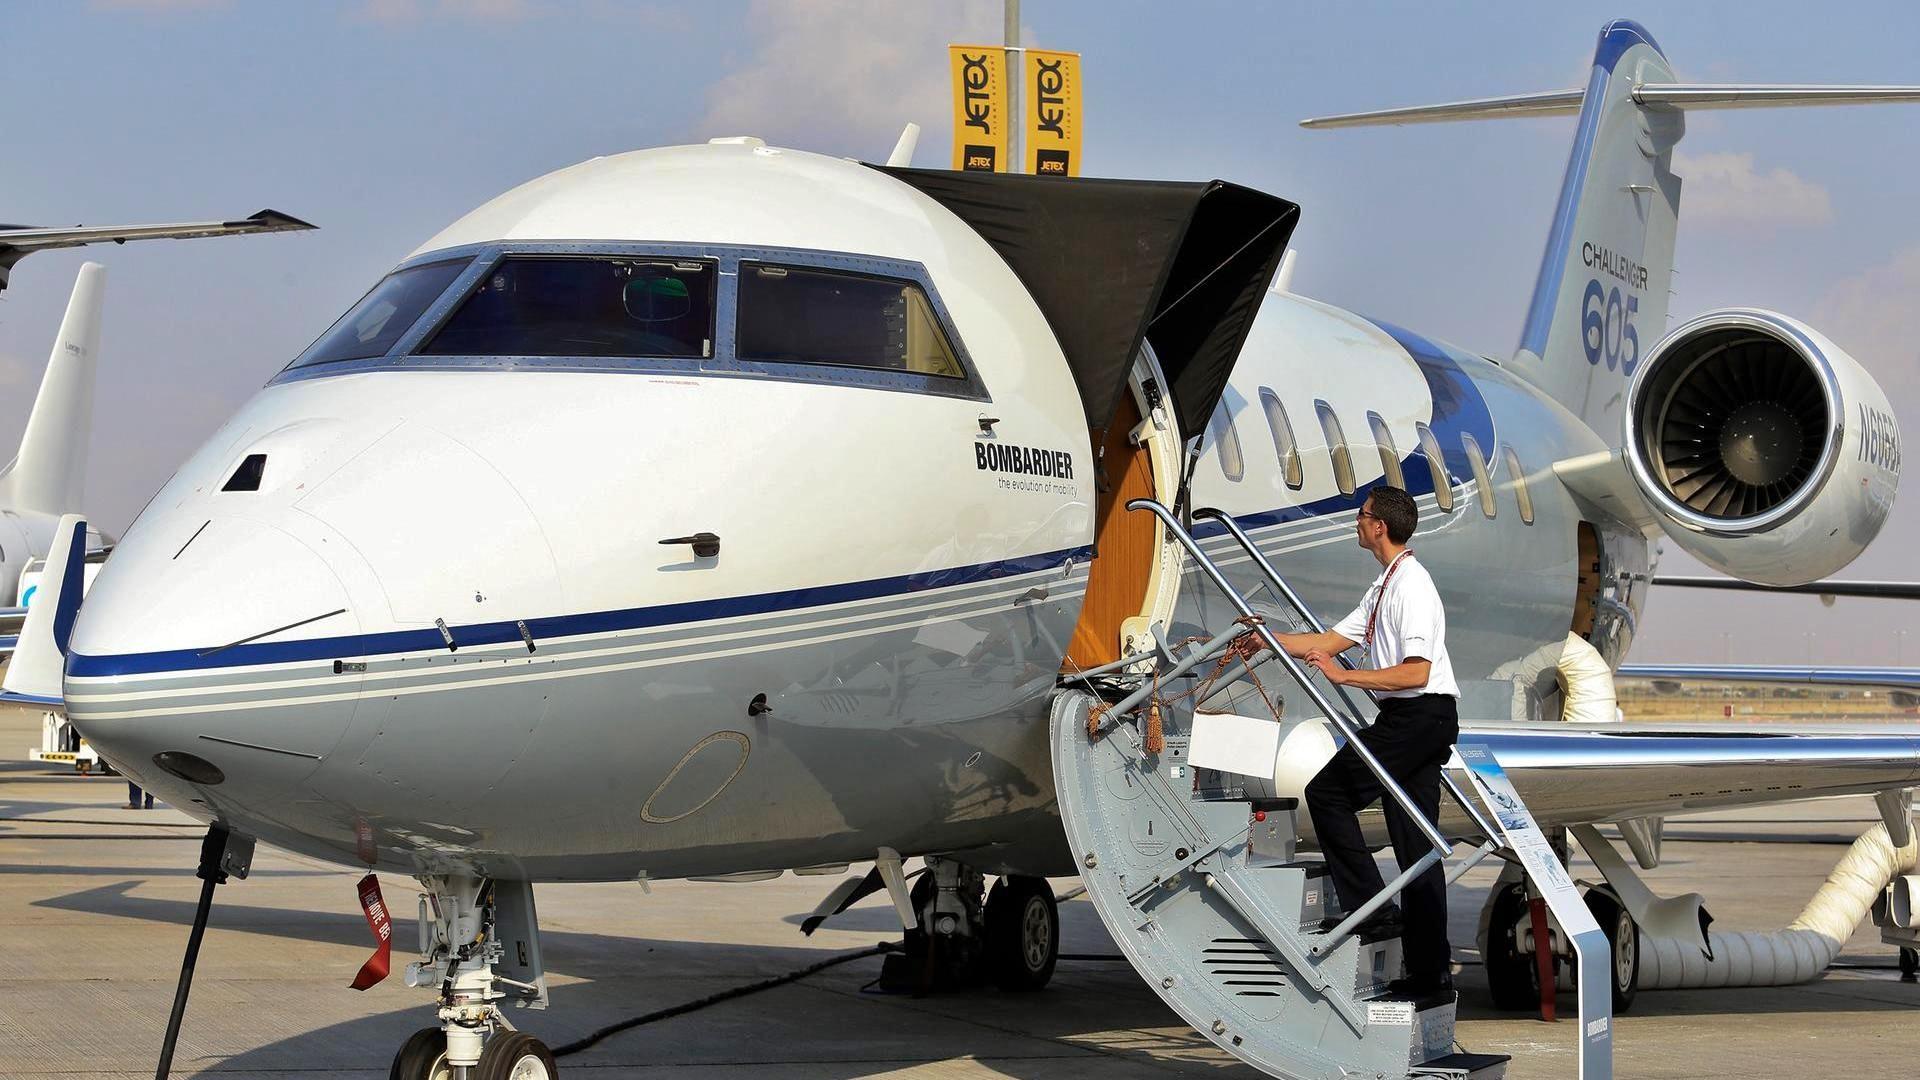 Jet privato si schianta in Iran, 11 morti dimensione font +